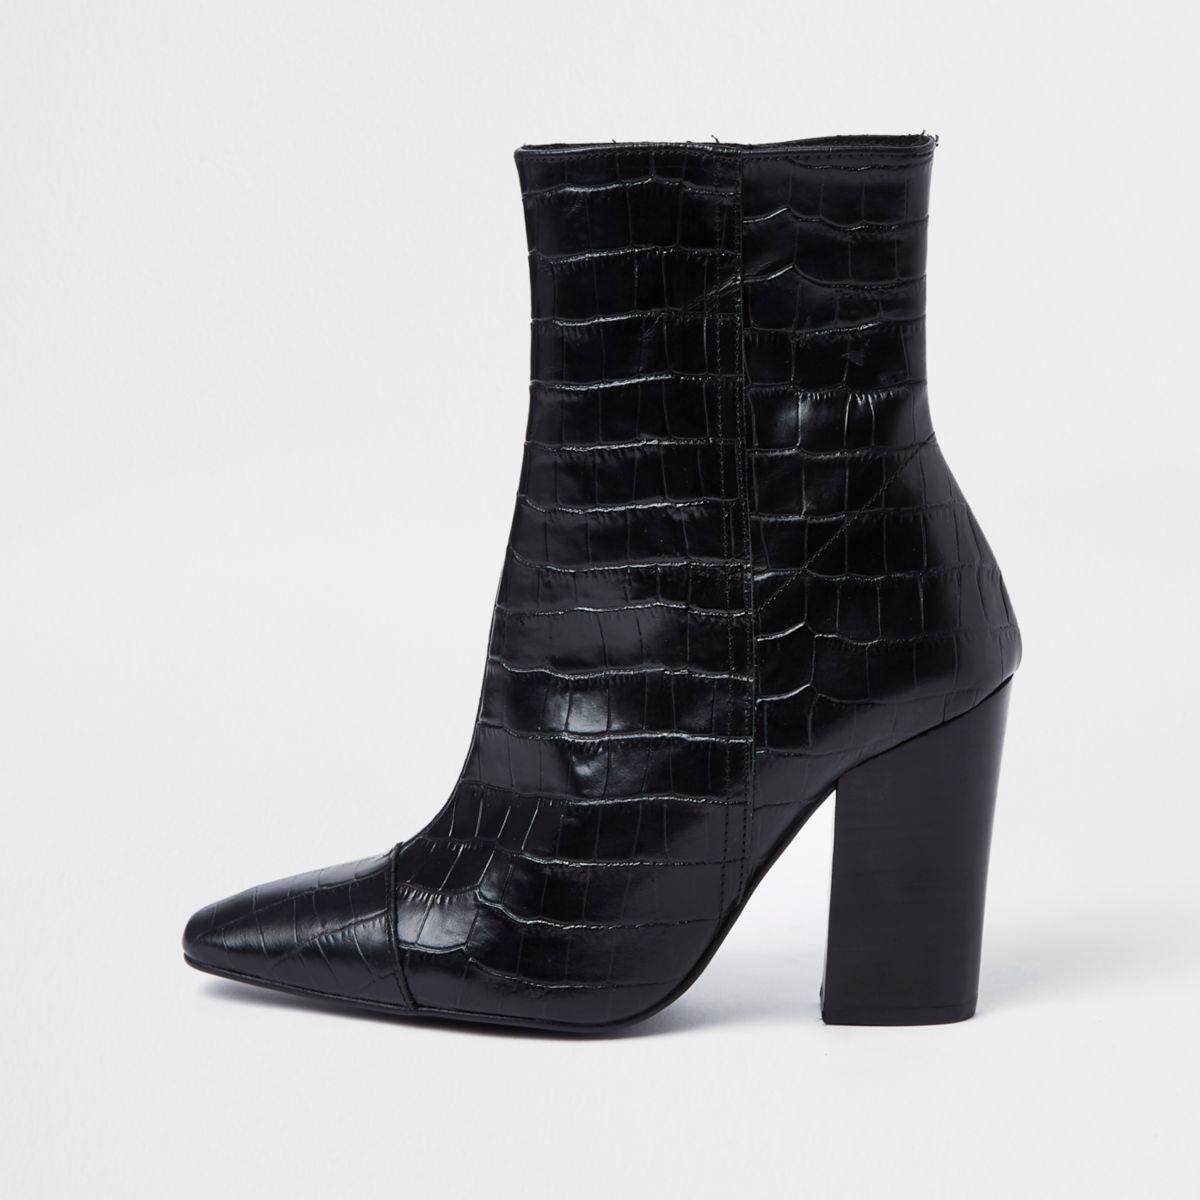 Black croc embossed block heel boots